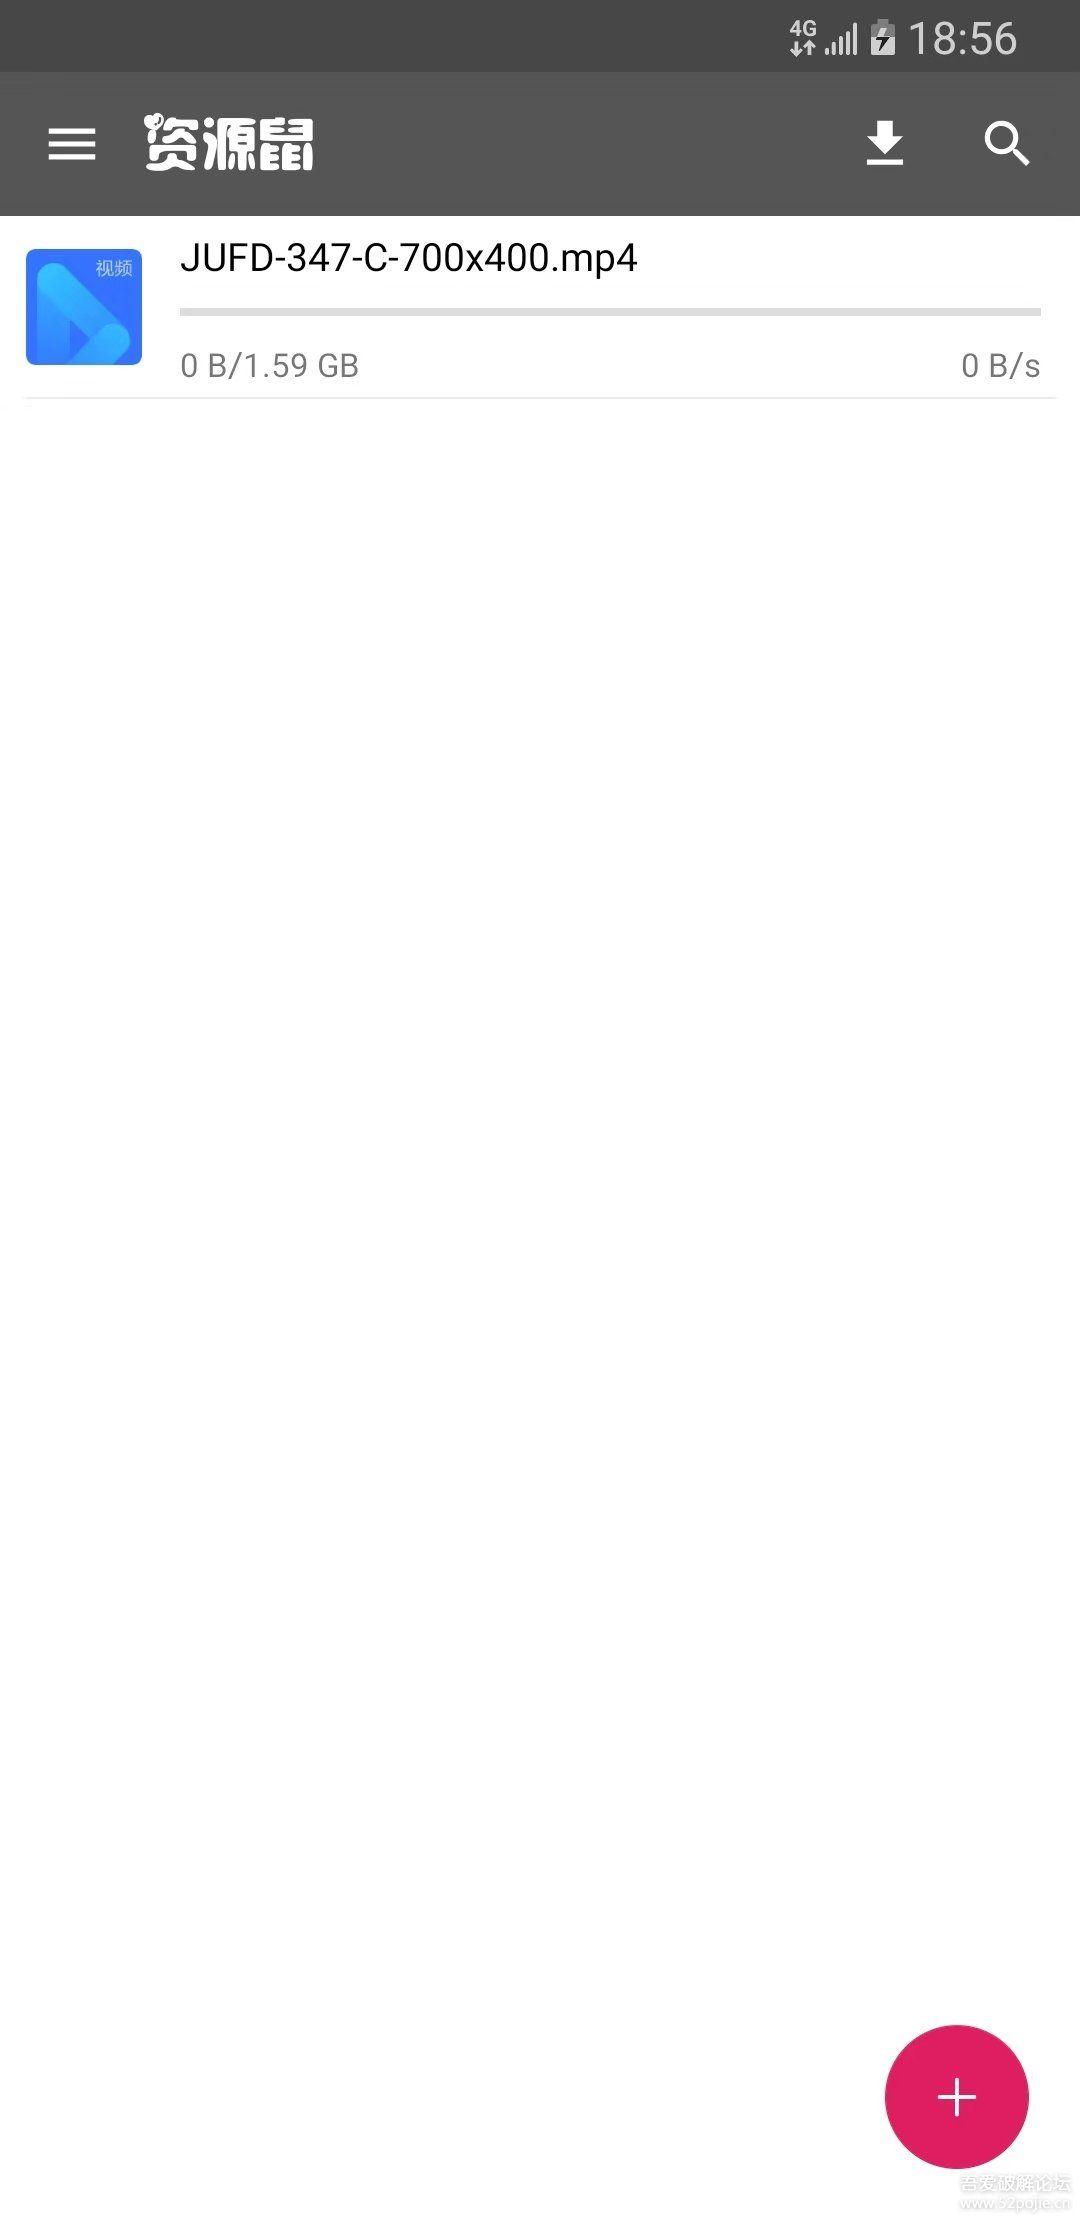 9f510 091545byjx4j1vp1bnpxfu 【宅福利】安装磁力链资源下载在线播放软件